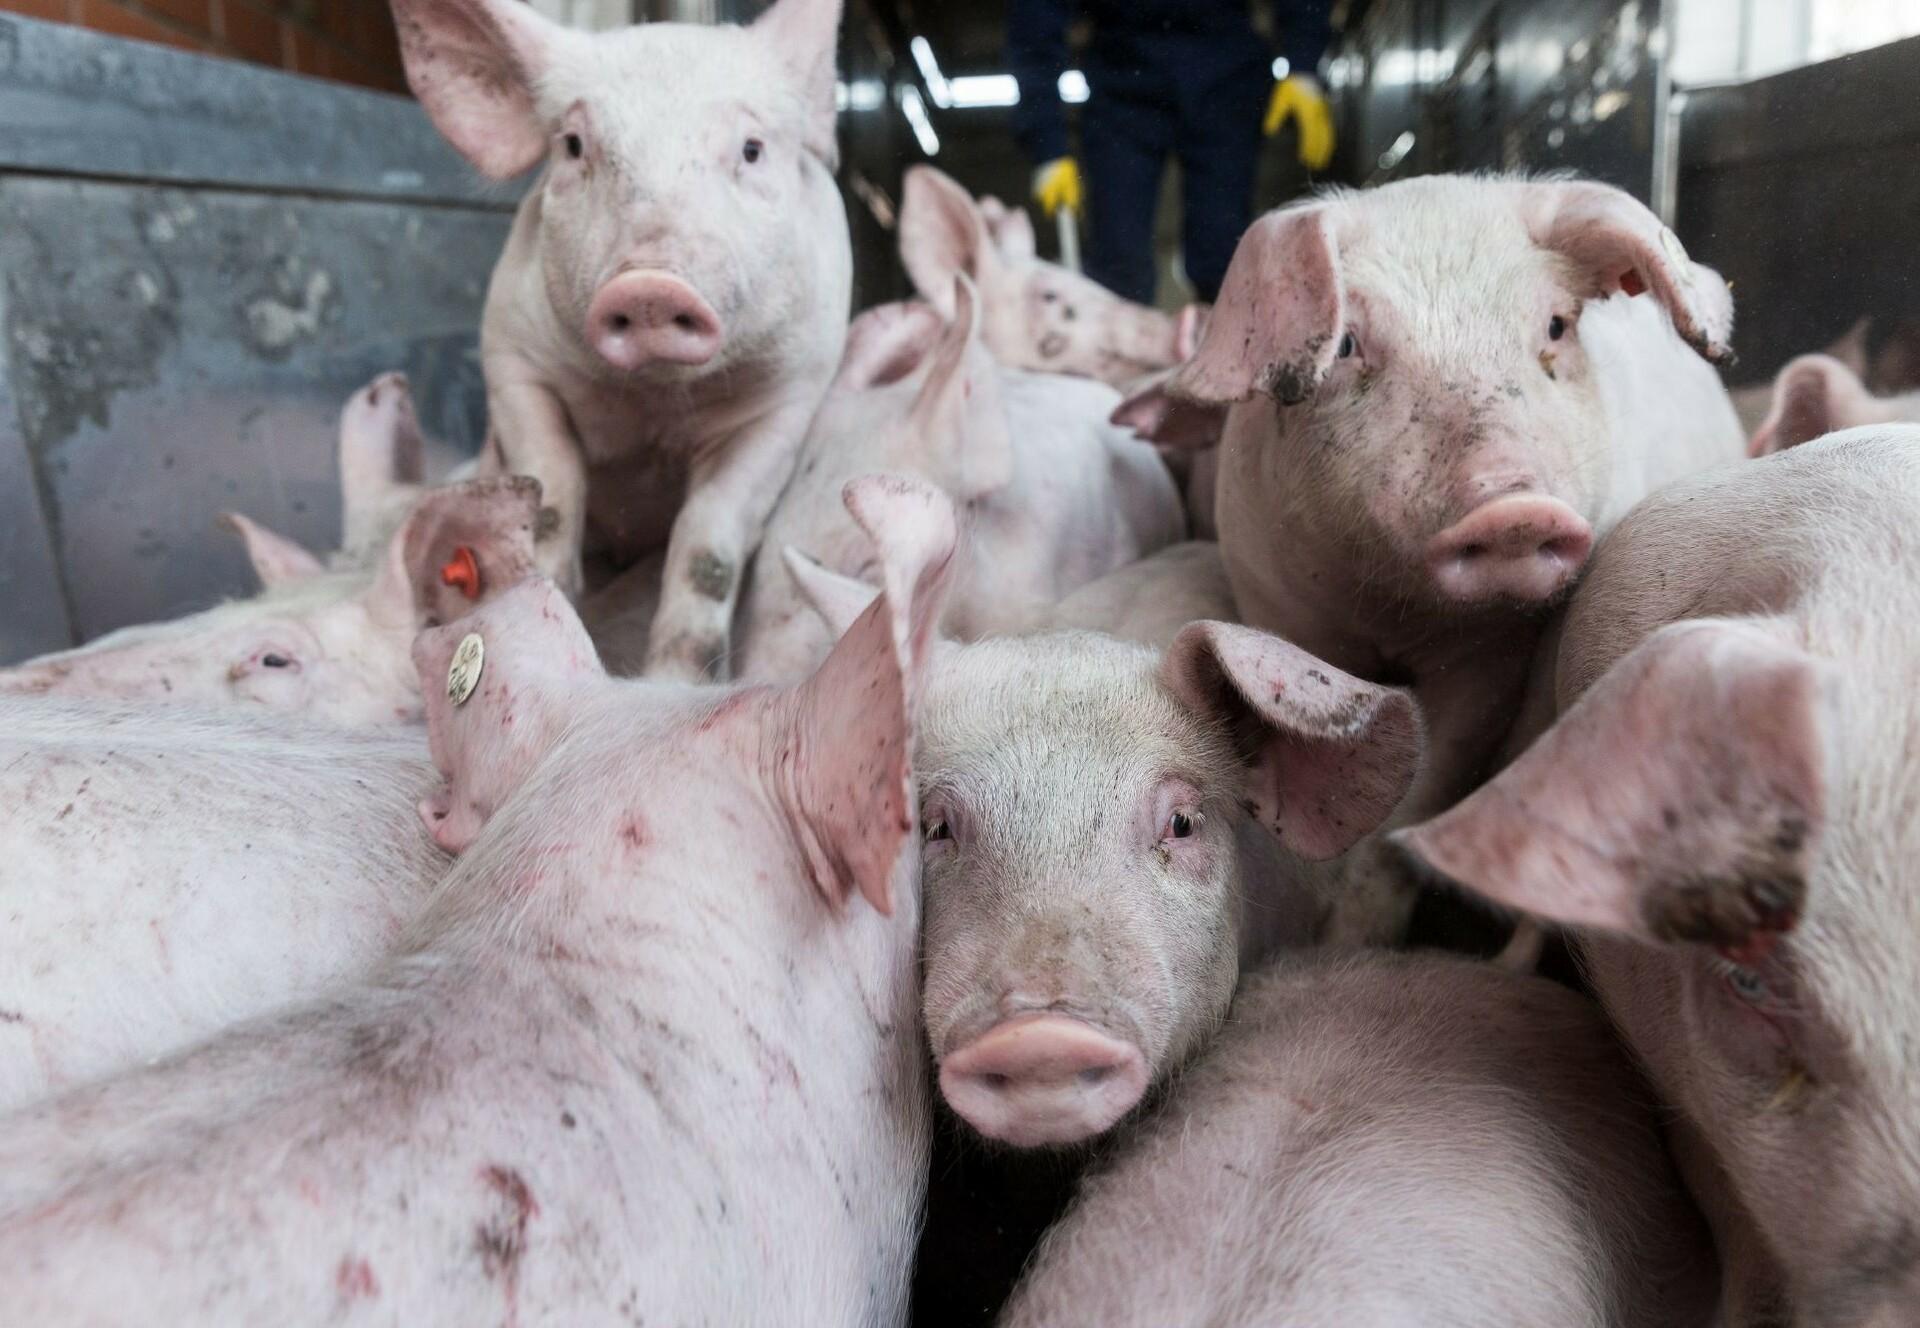 Tiertransport mit Schweinen (c) VIER PFOTEN   Fred Dott